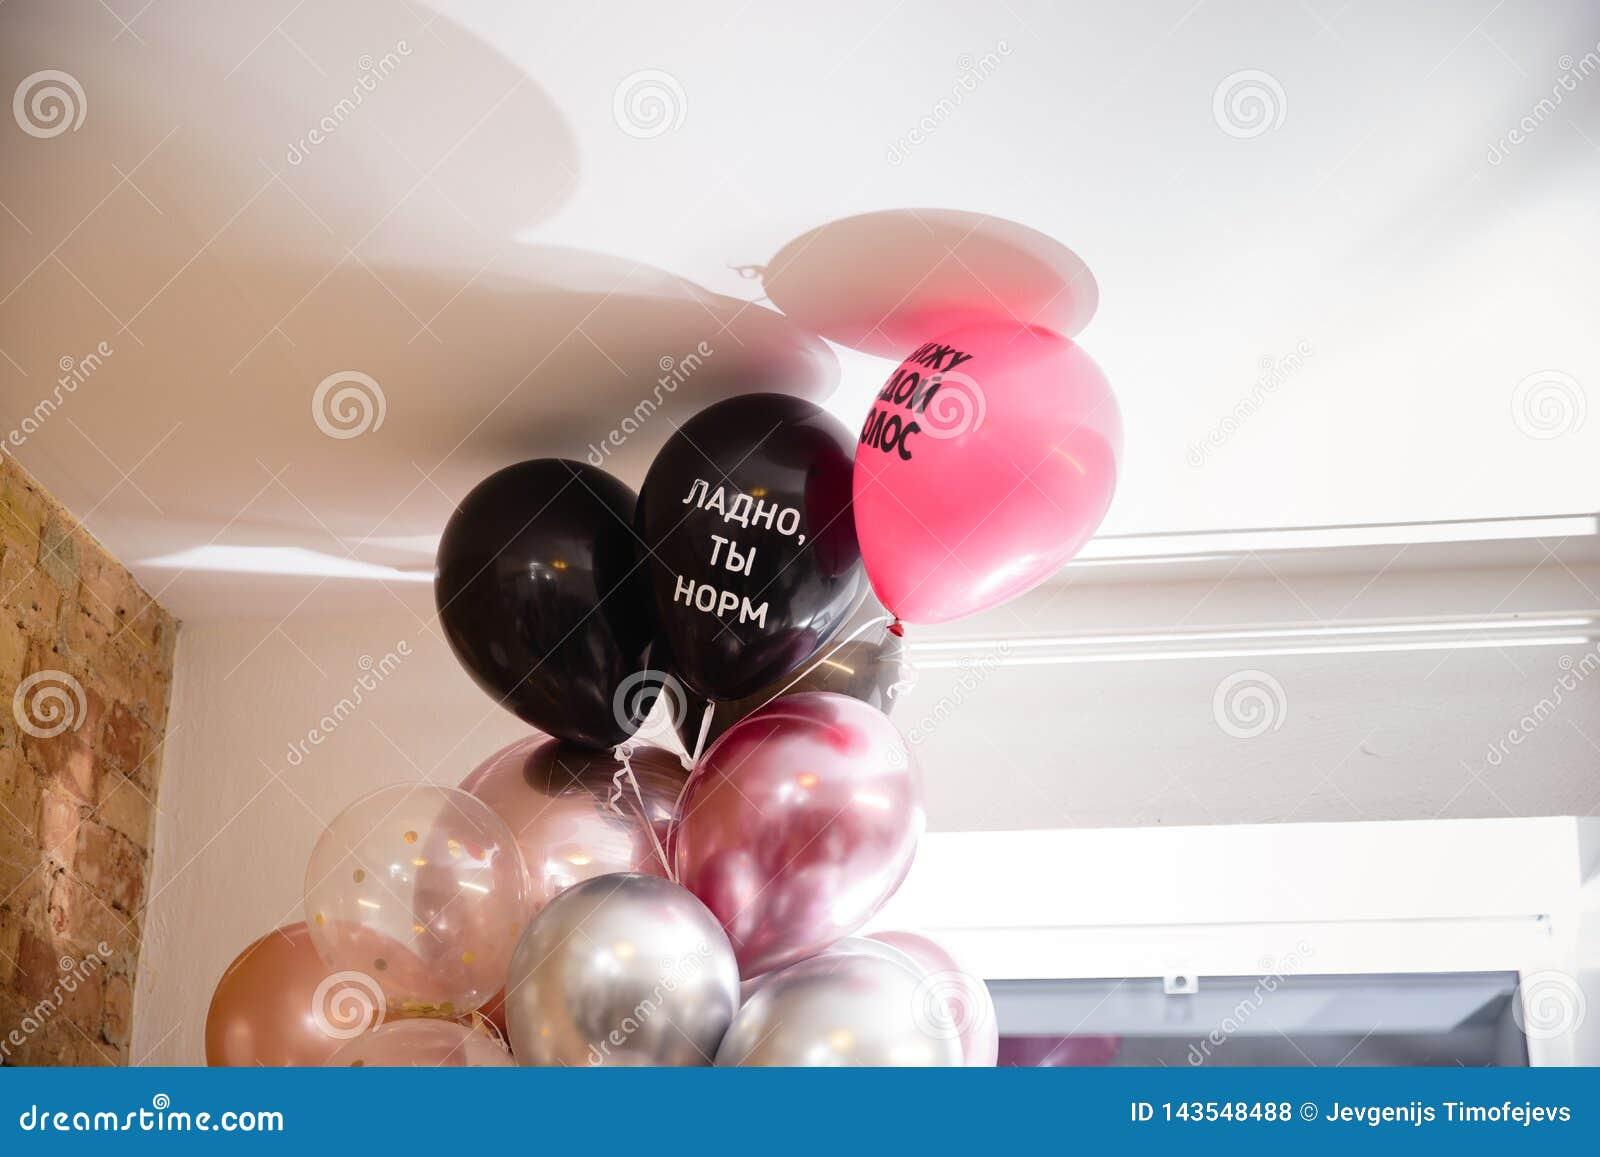 Balões do aniversário sob um teto com palavras do russo está bem, você é muito bem e eu ver um cabelo cinzento